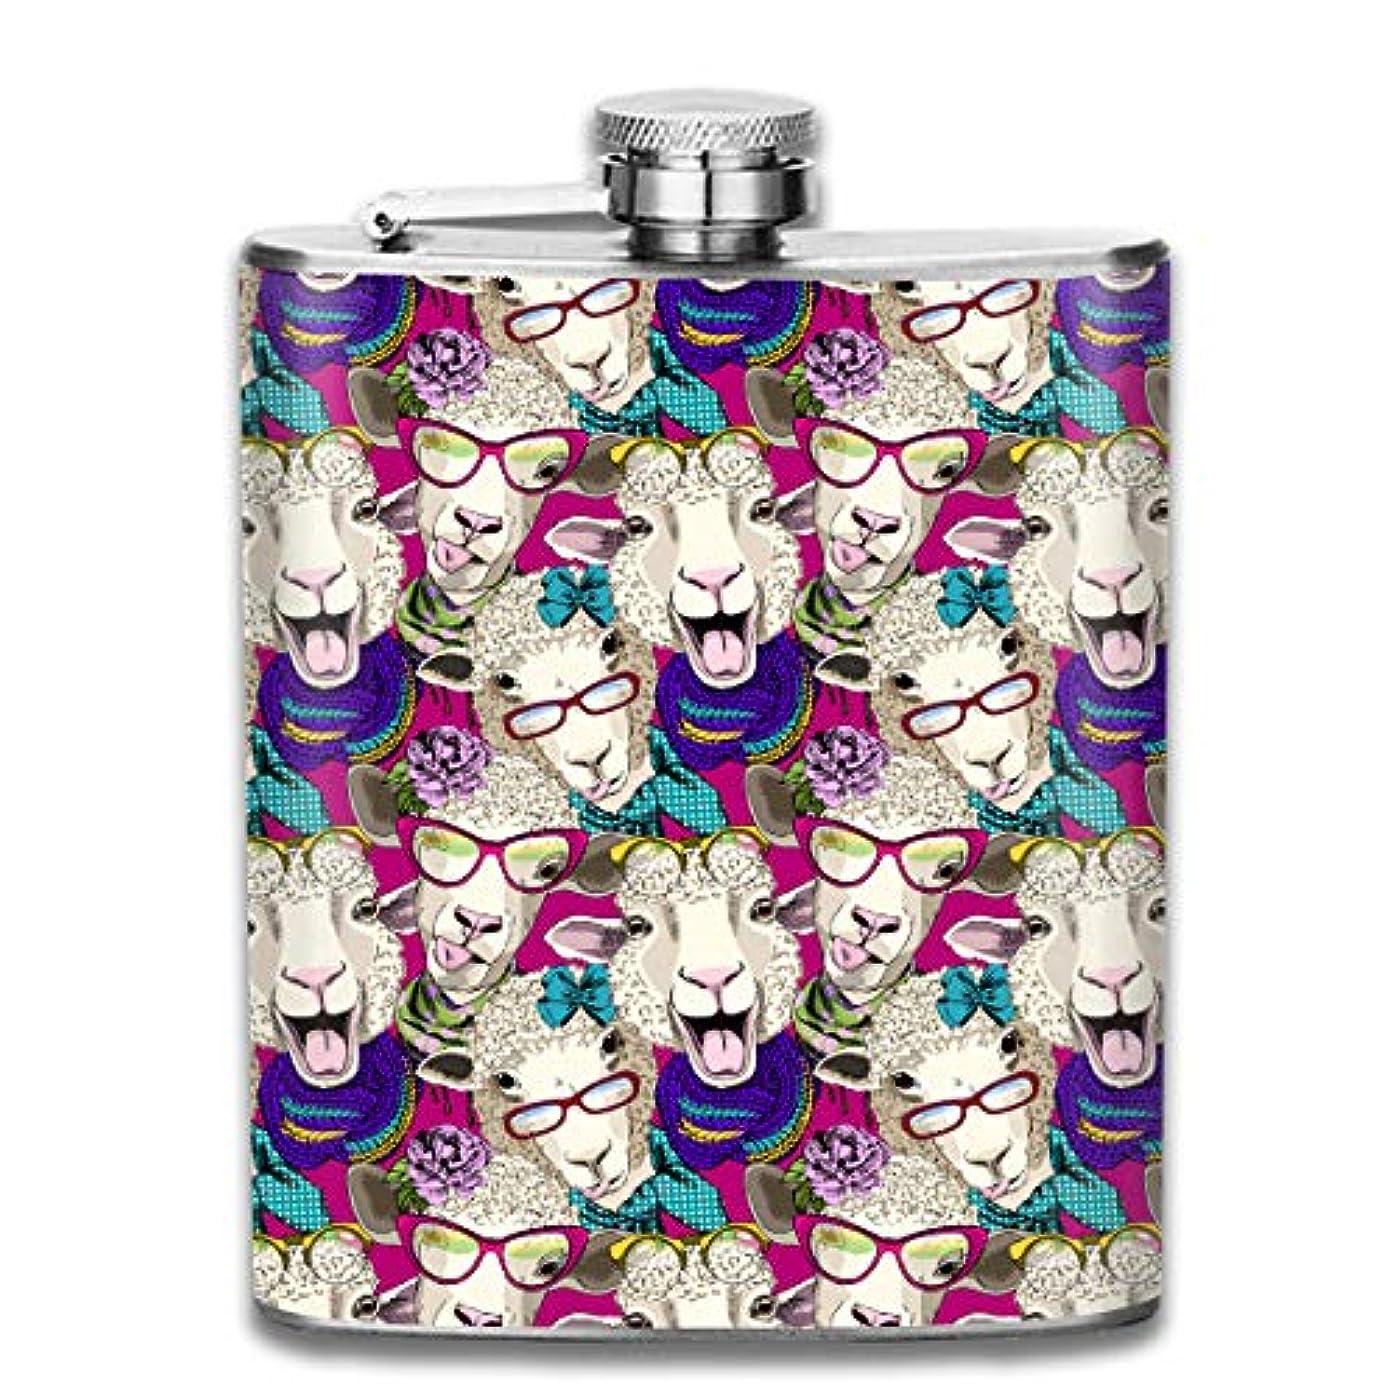 ダニシェルターあからさまおもしろい羊 フラスコ スキットル ヒップフラスコ 7オンス 206ml 高品質ステンレス製 ウイスキー アルコール 清酒 携帯 ボトル